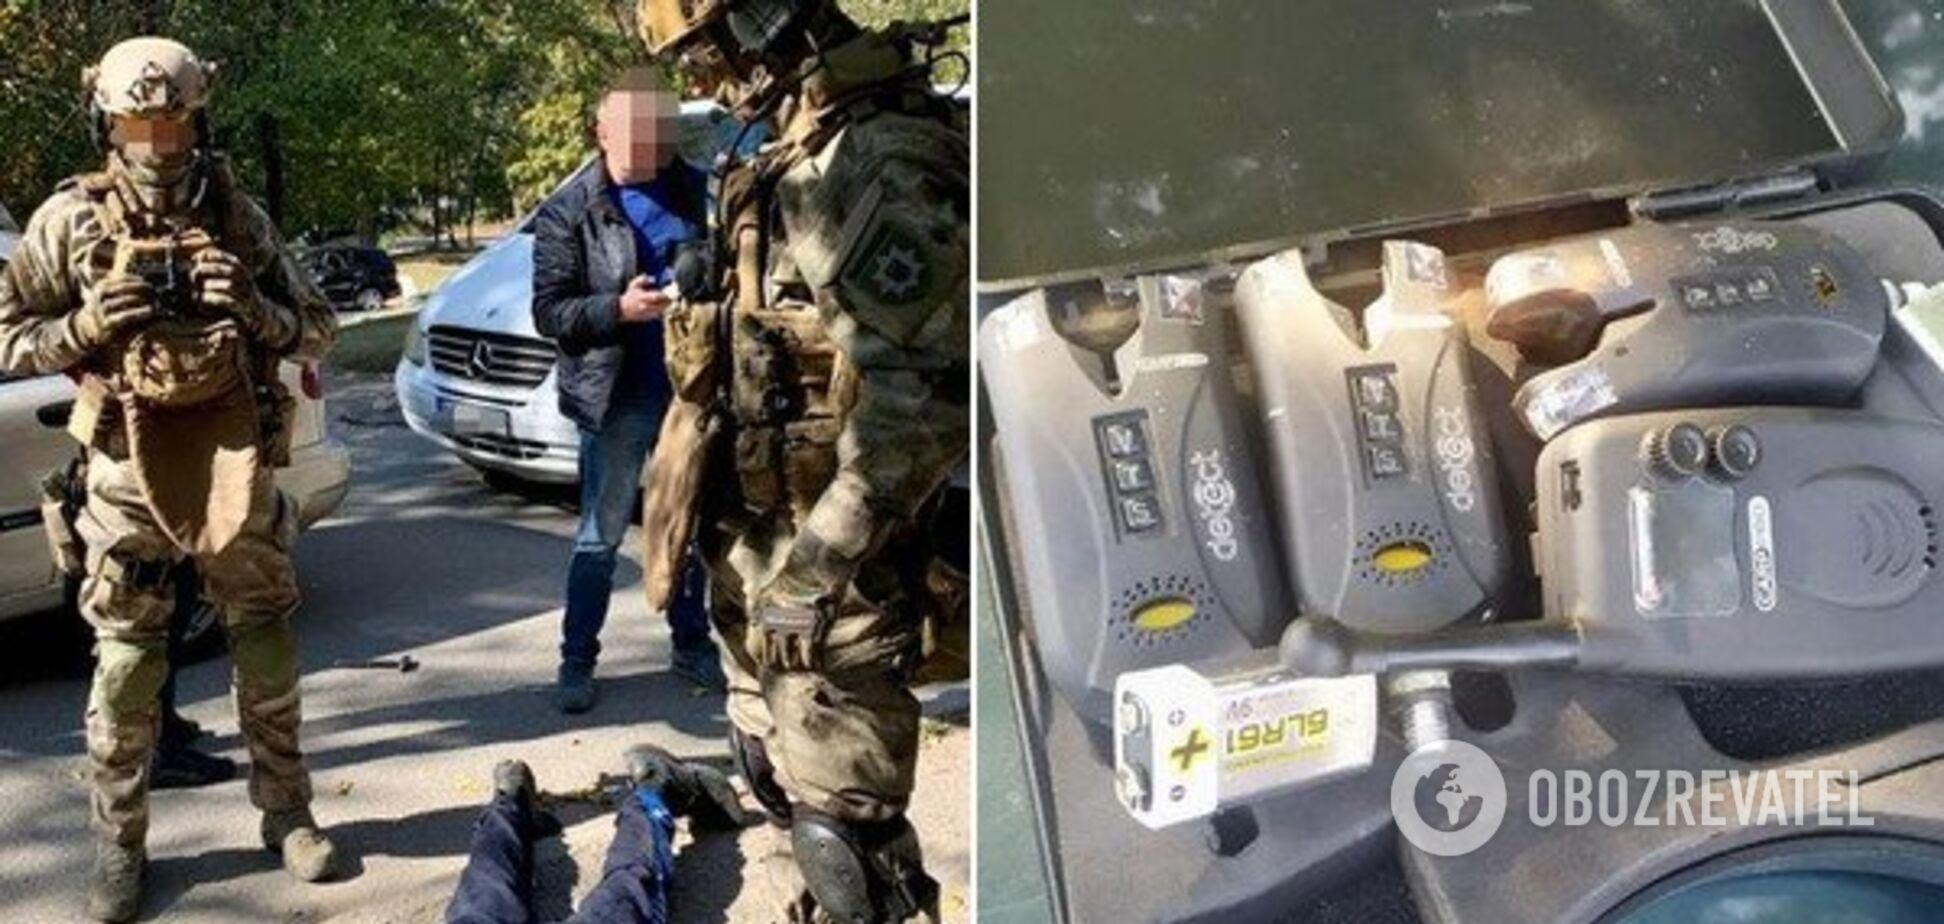 В Днепре спецназовцы поймали вооруженную банду: видео 18+